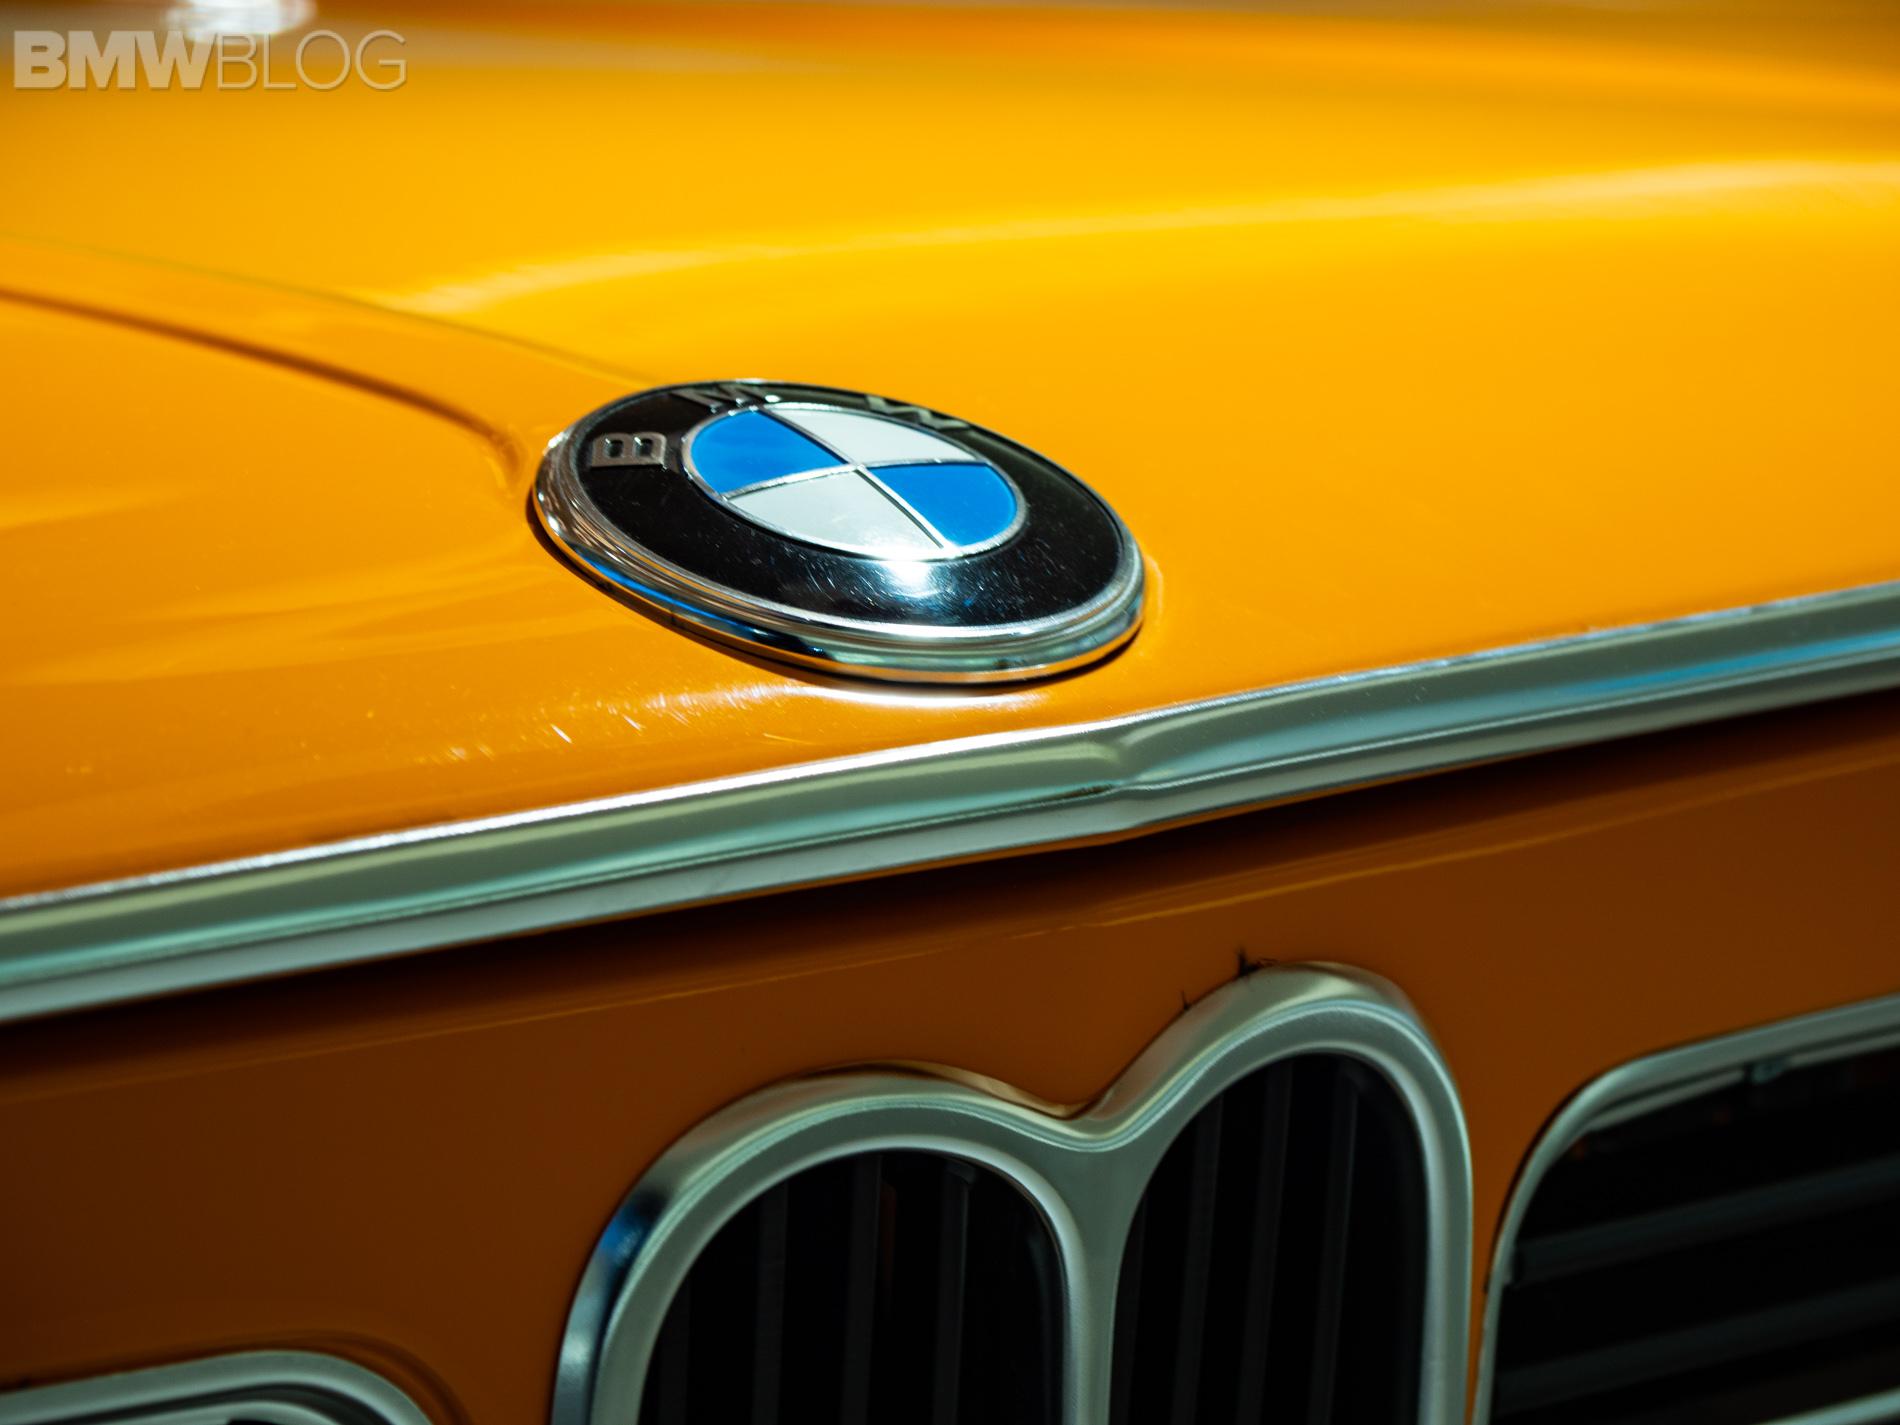 1968 BMW 2002ti image 5